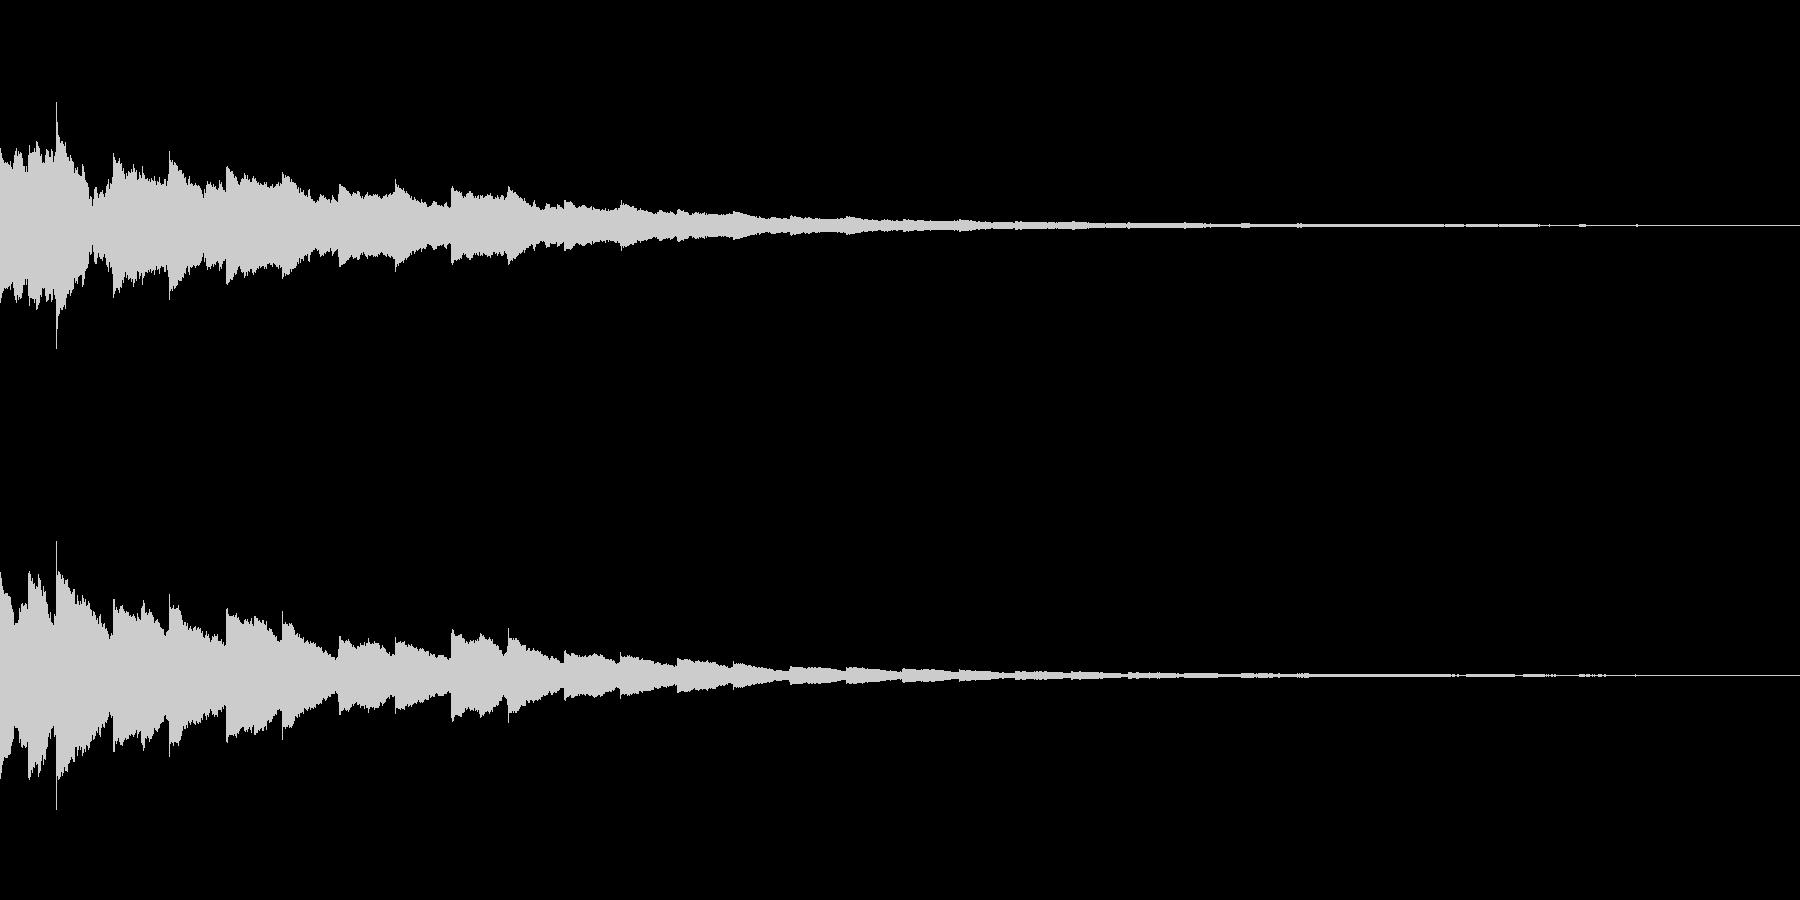 ベルの音を加工してつくりましたの未再生の波形